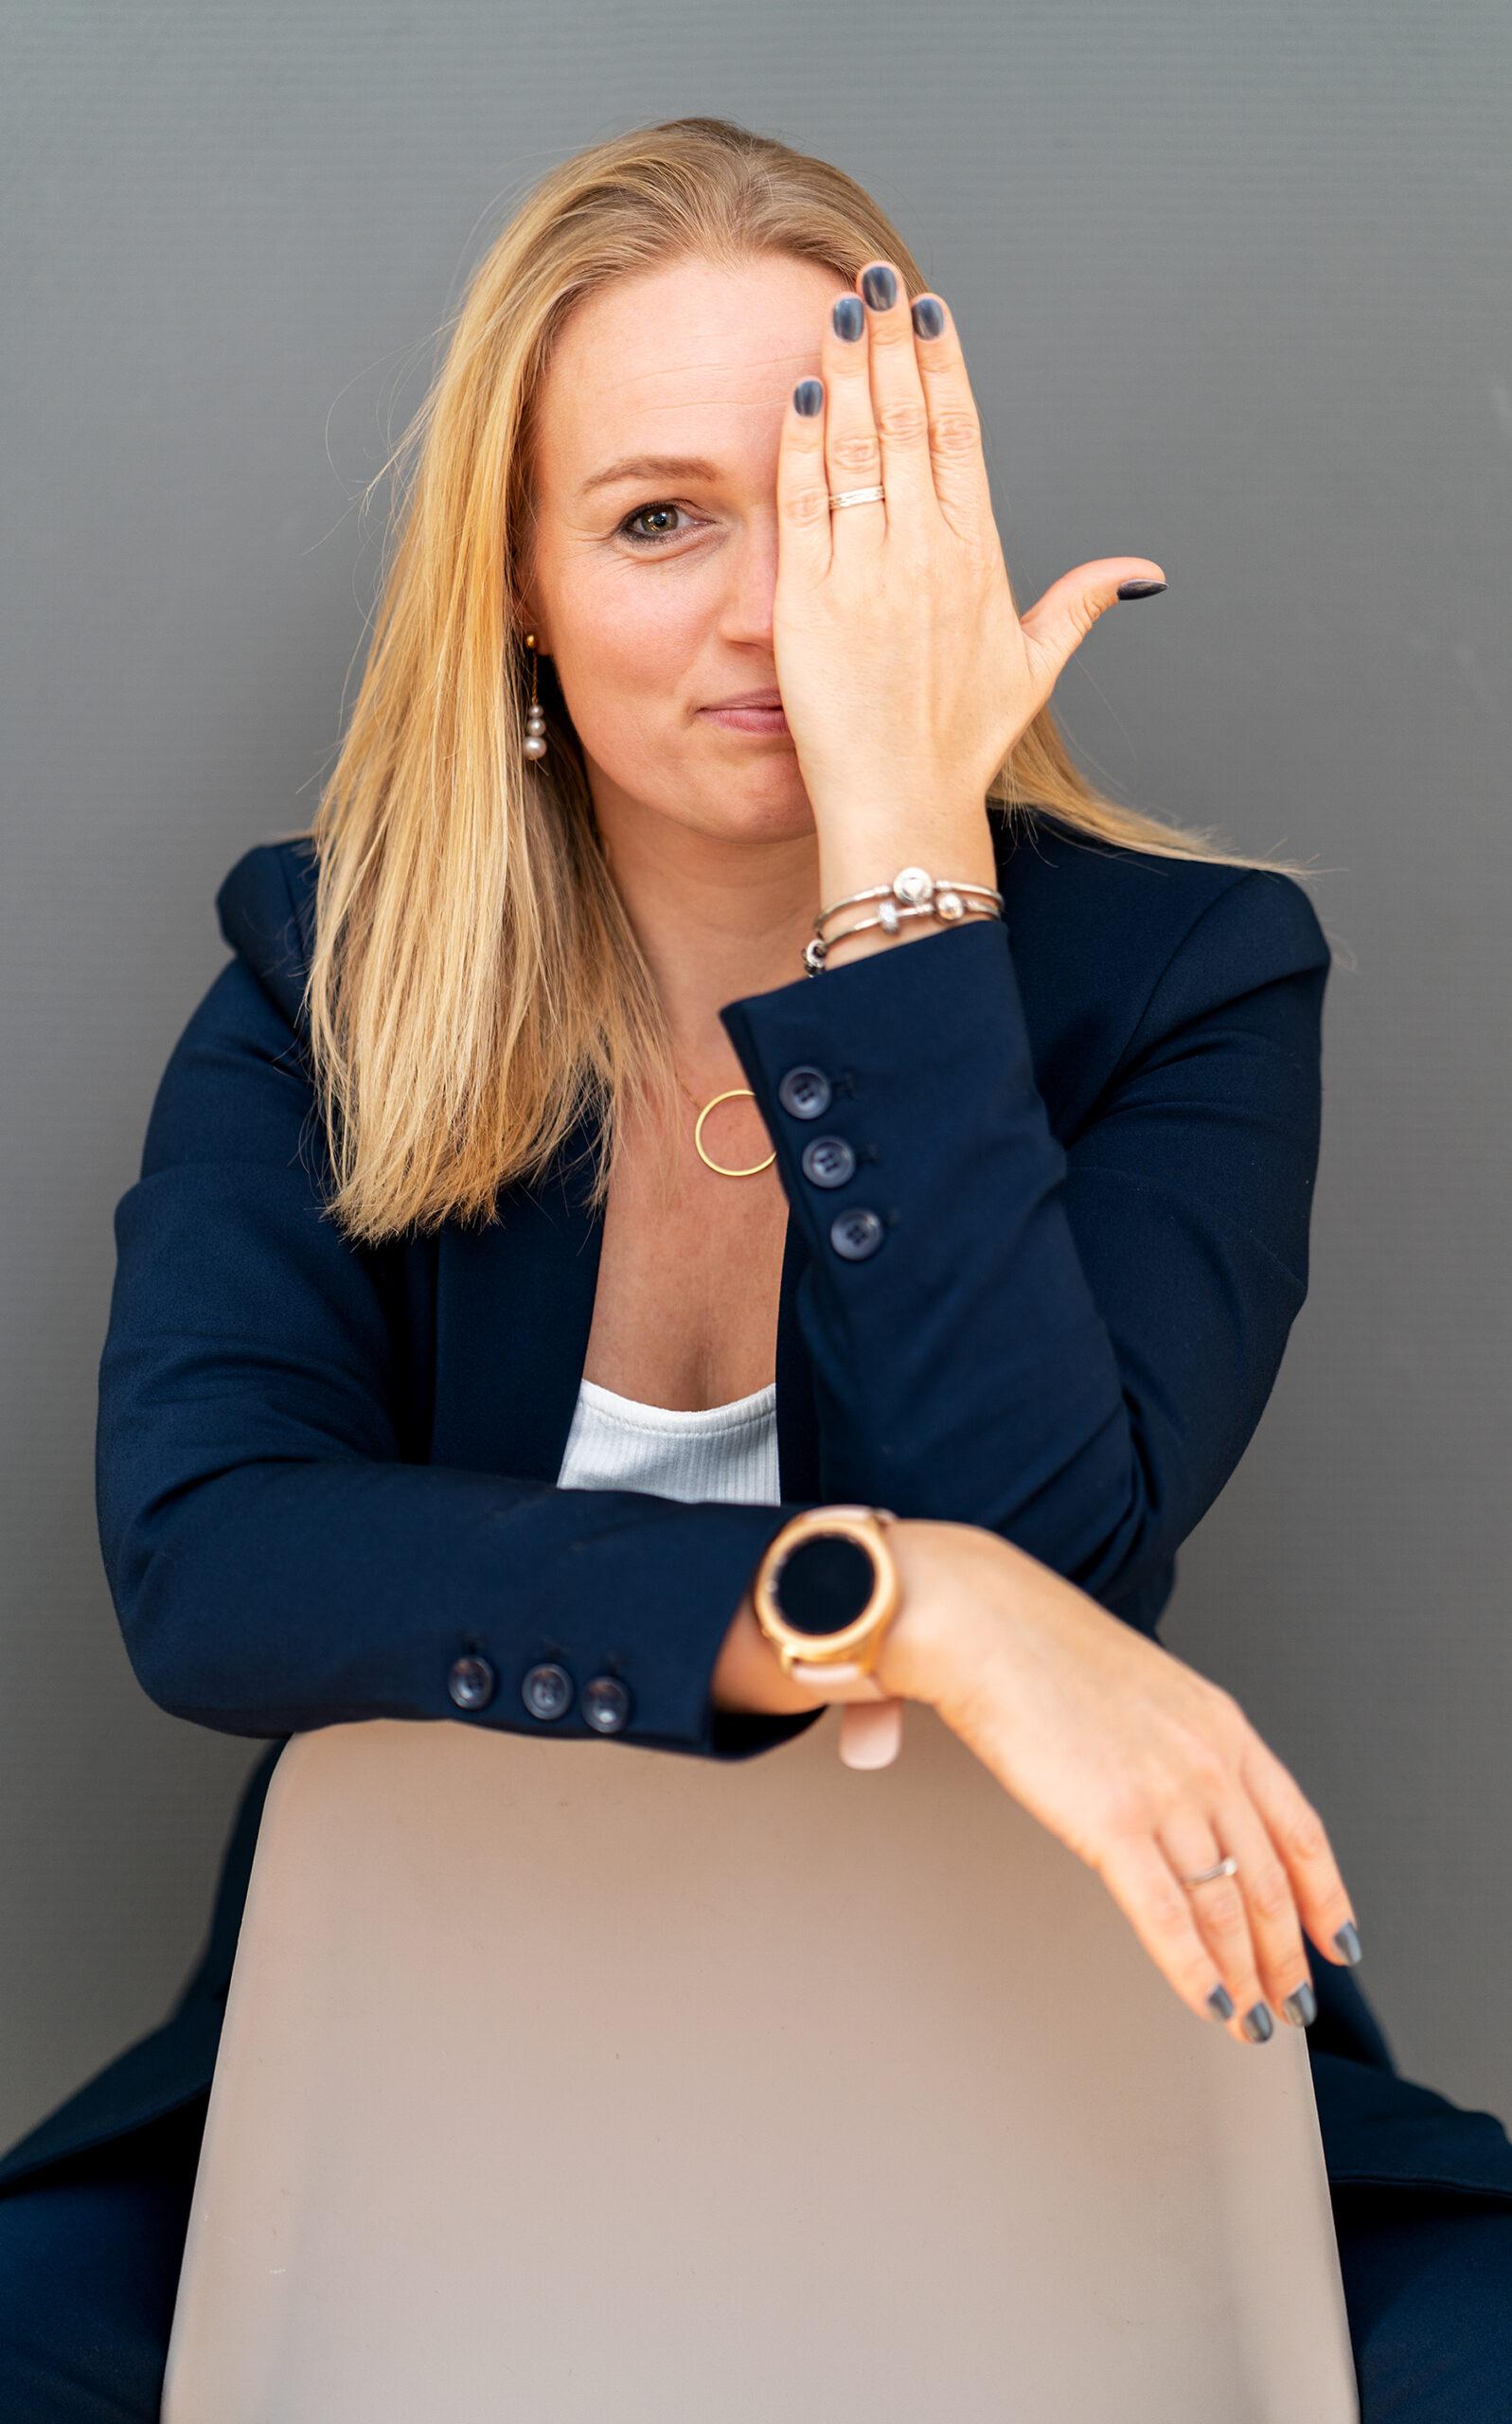 Marit Oosterwijk